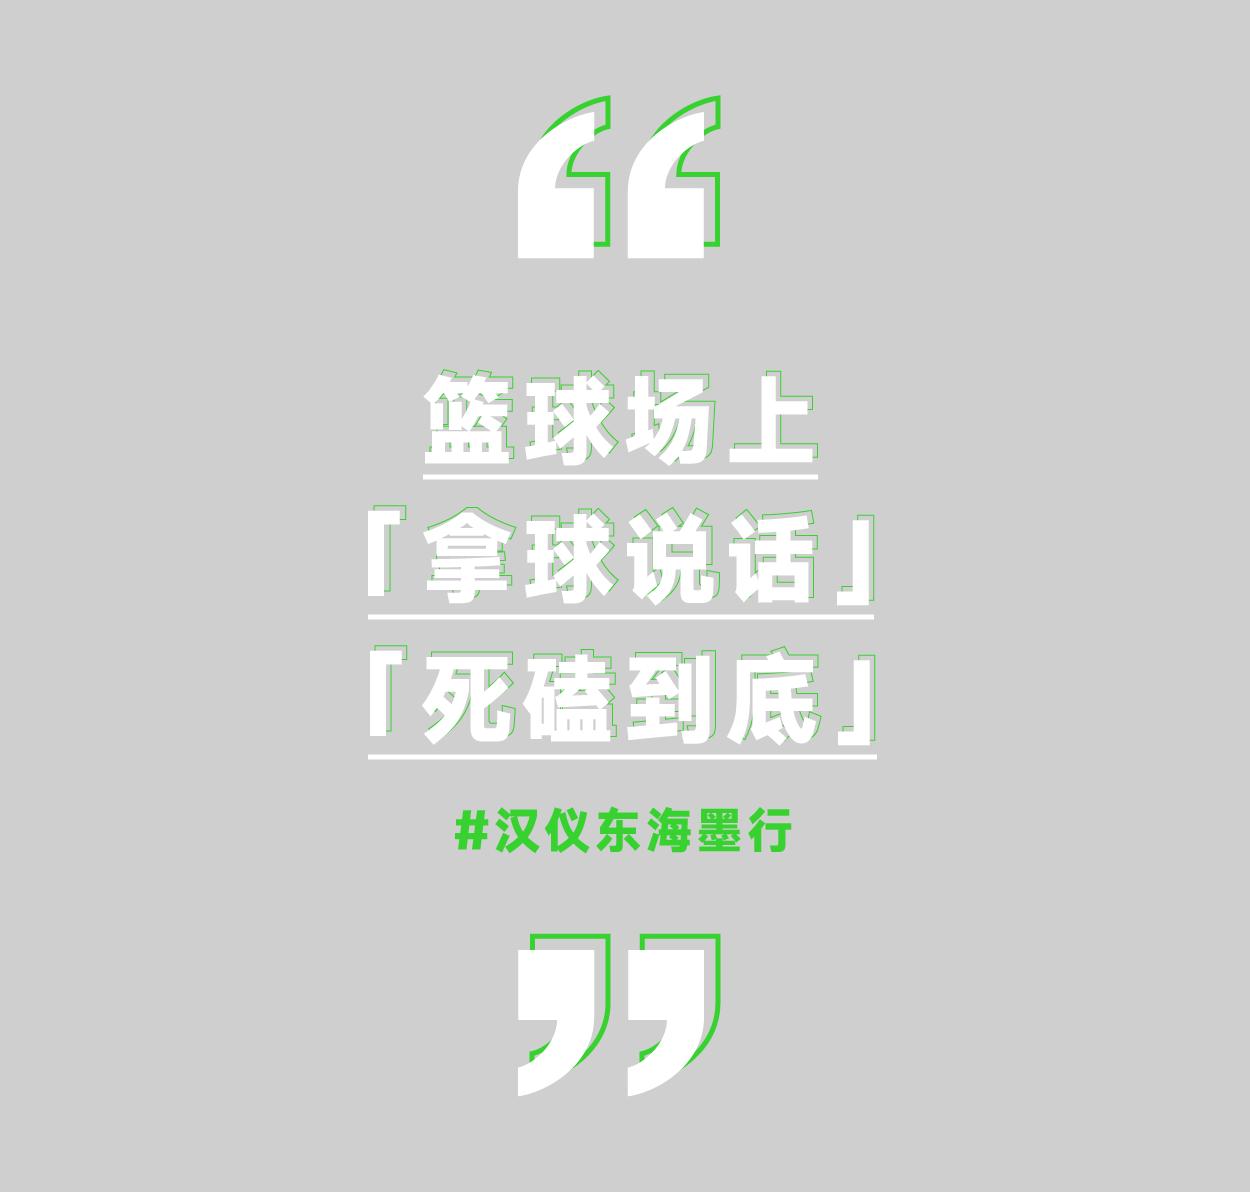 国风少年·李宁篮球_画板 1 副本 24.png